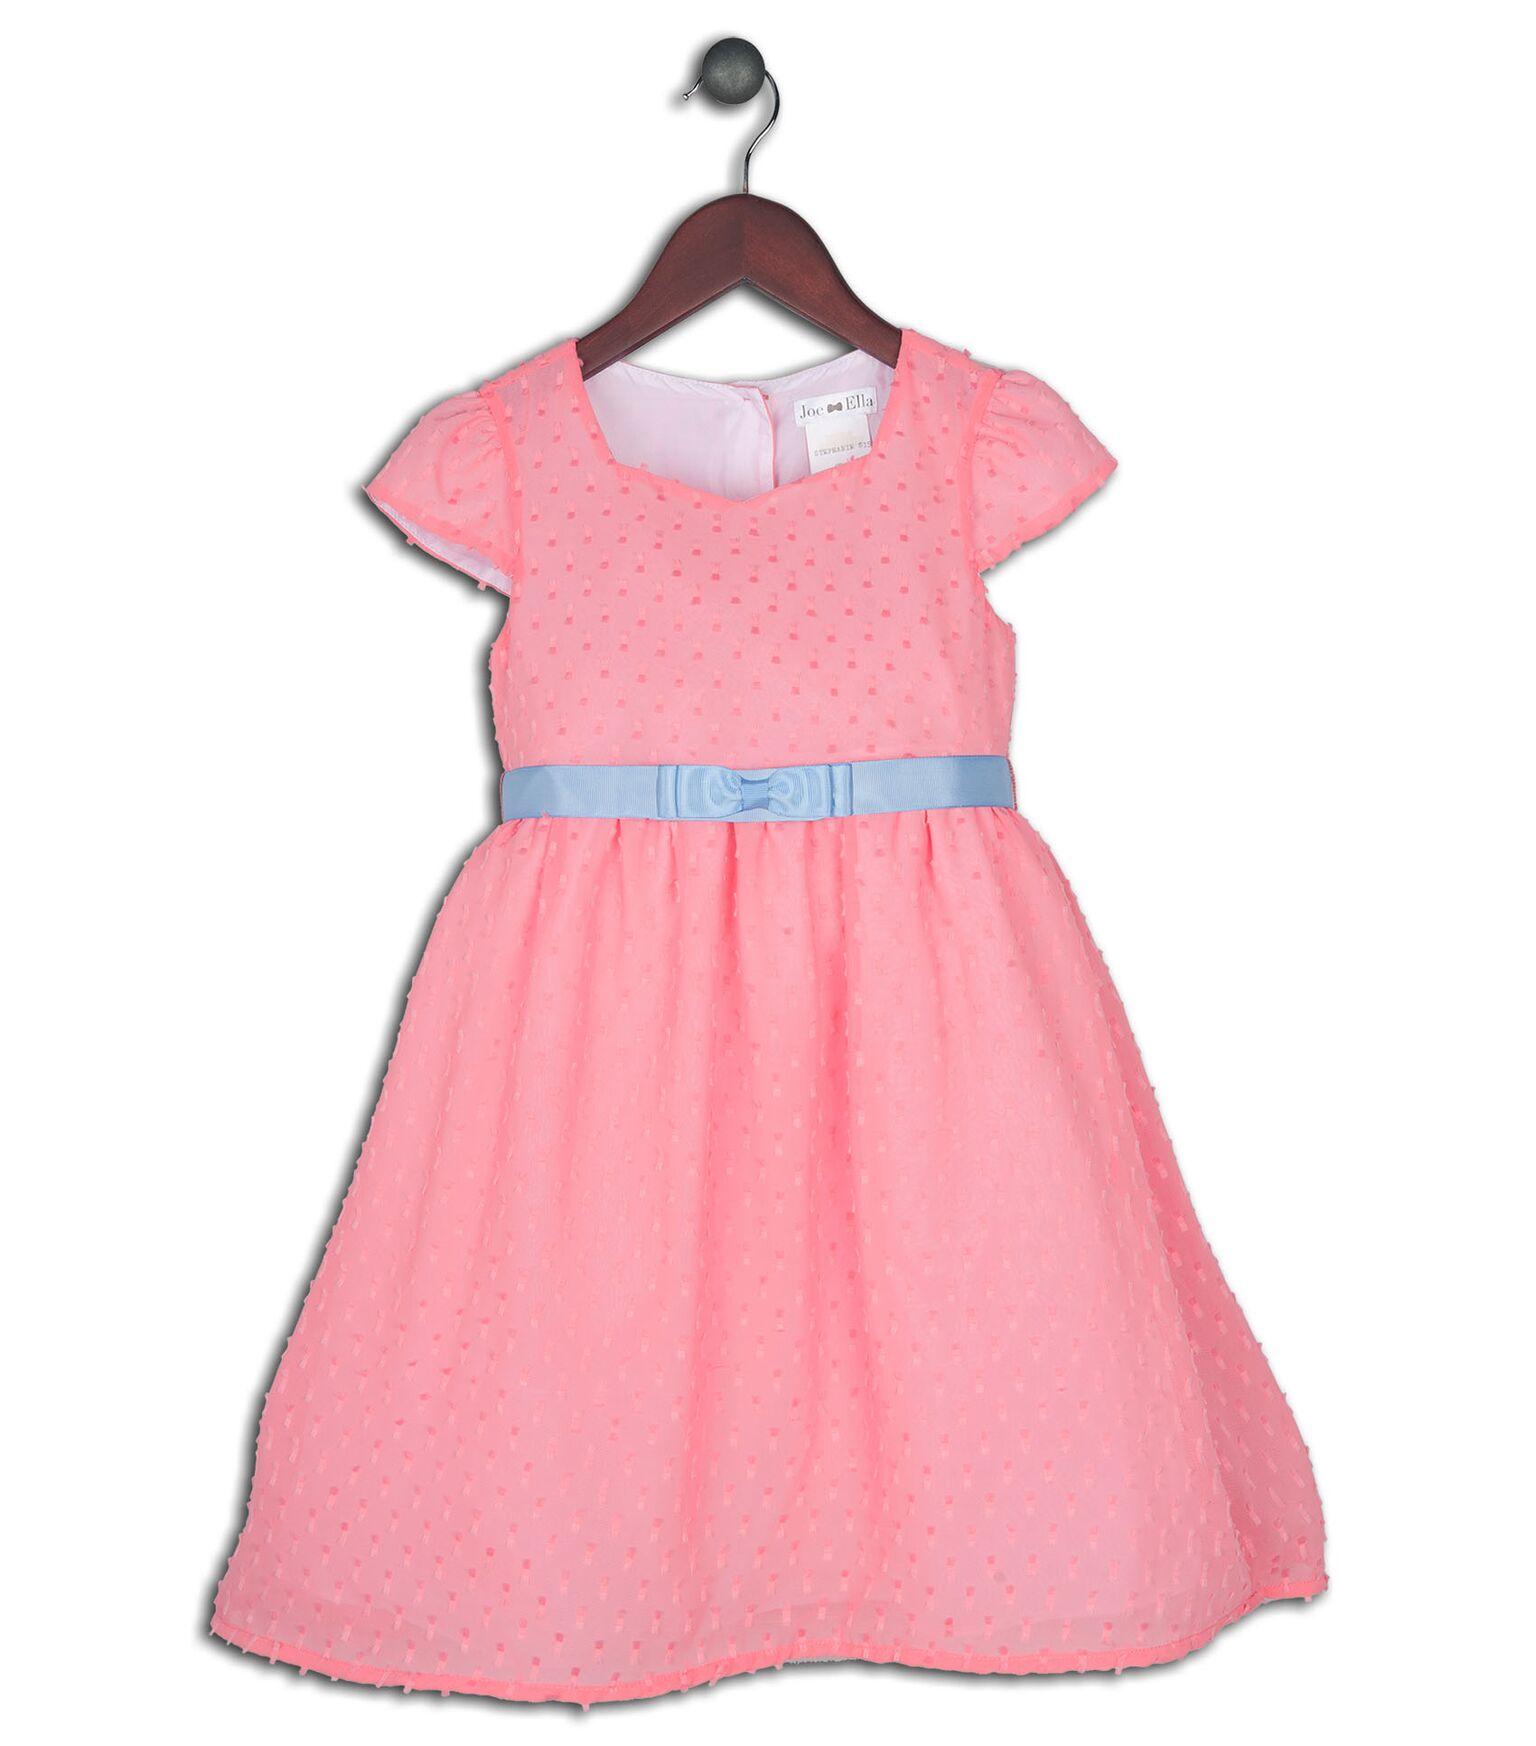 Joe and Ella Fashion Dievčenské šaty Stephanie - ružové 8abde8de93c